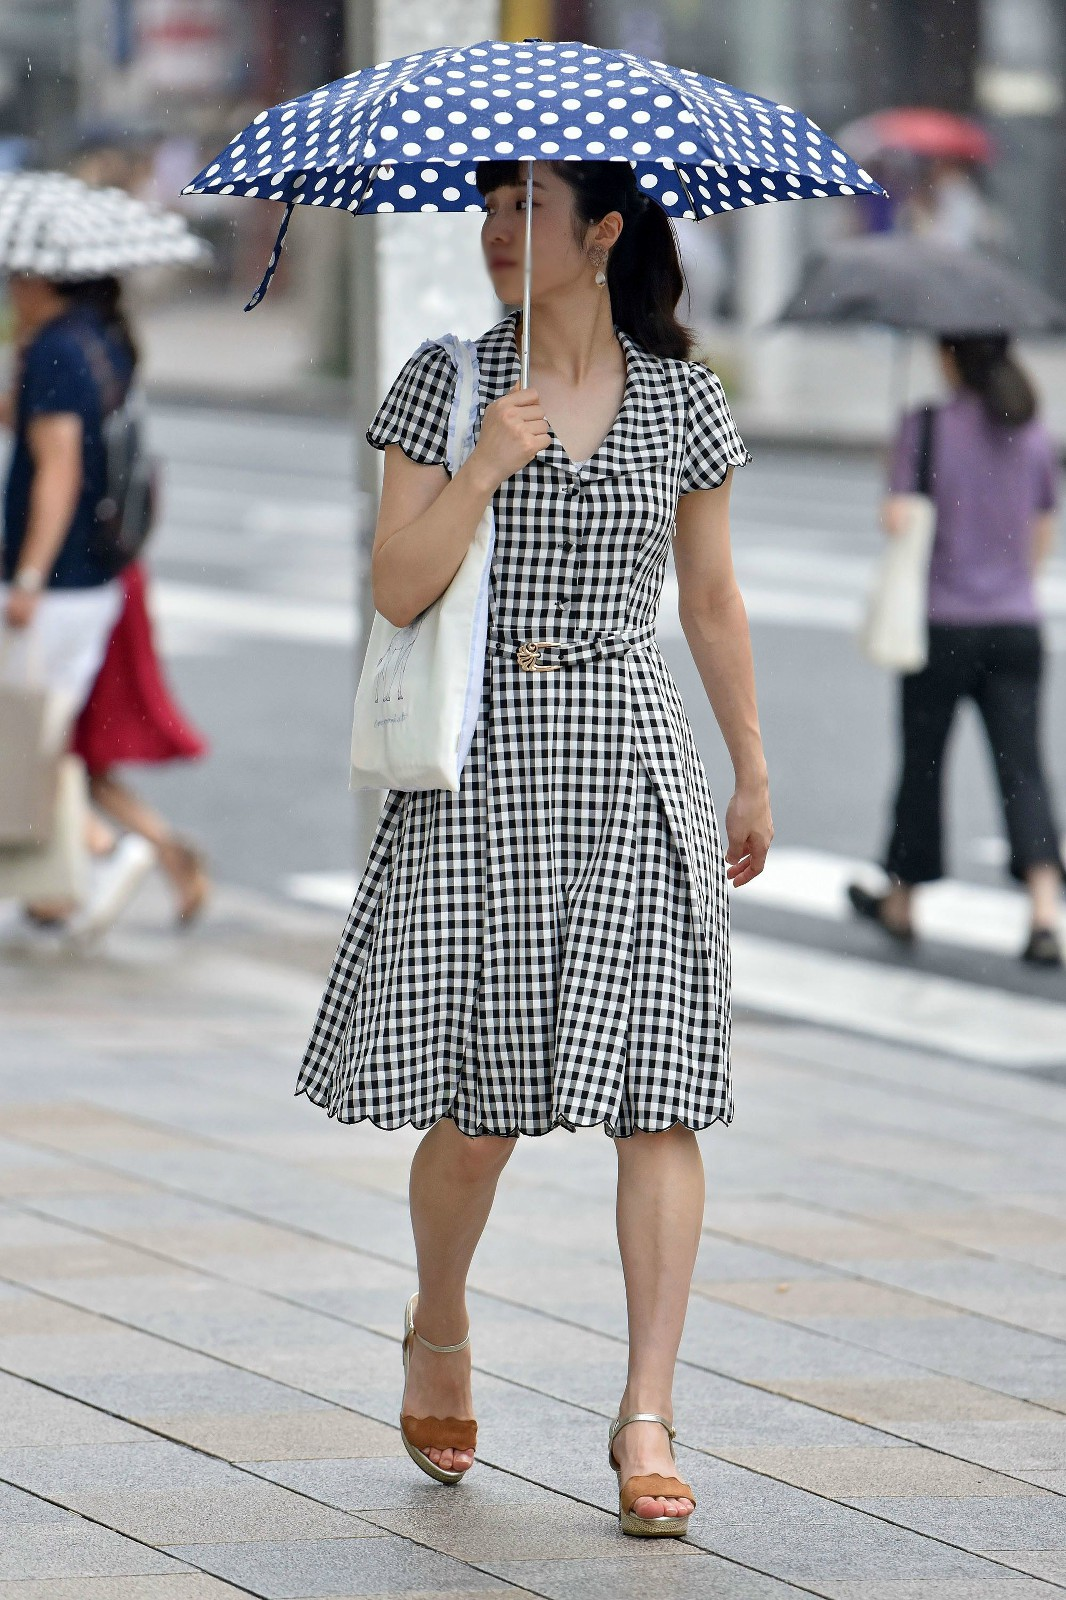 三次元 3次元 エロ画像 ワンピース 街撮り 素人 街角 べっぴん娘通信 14